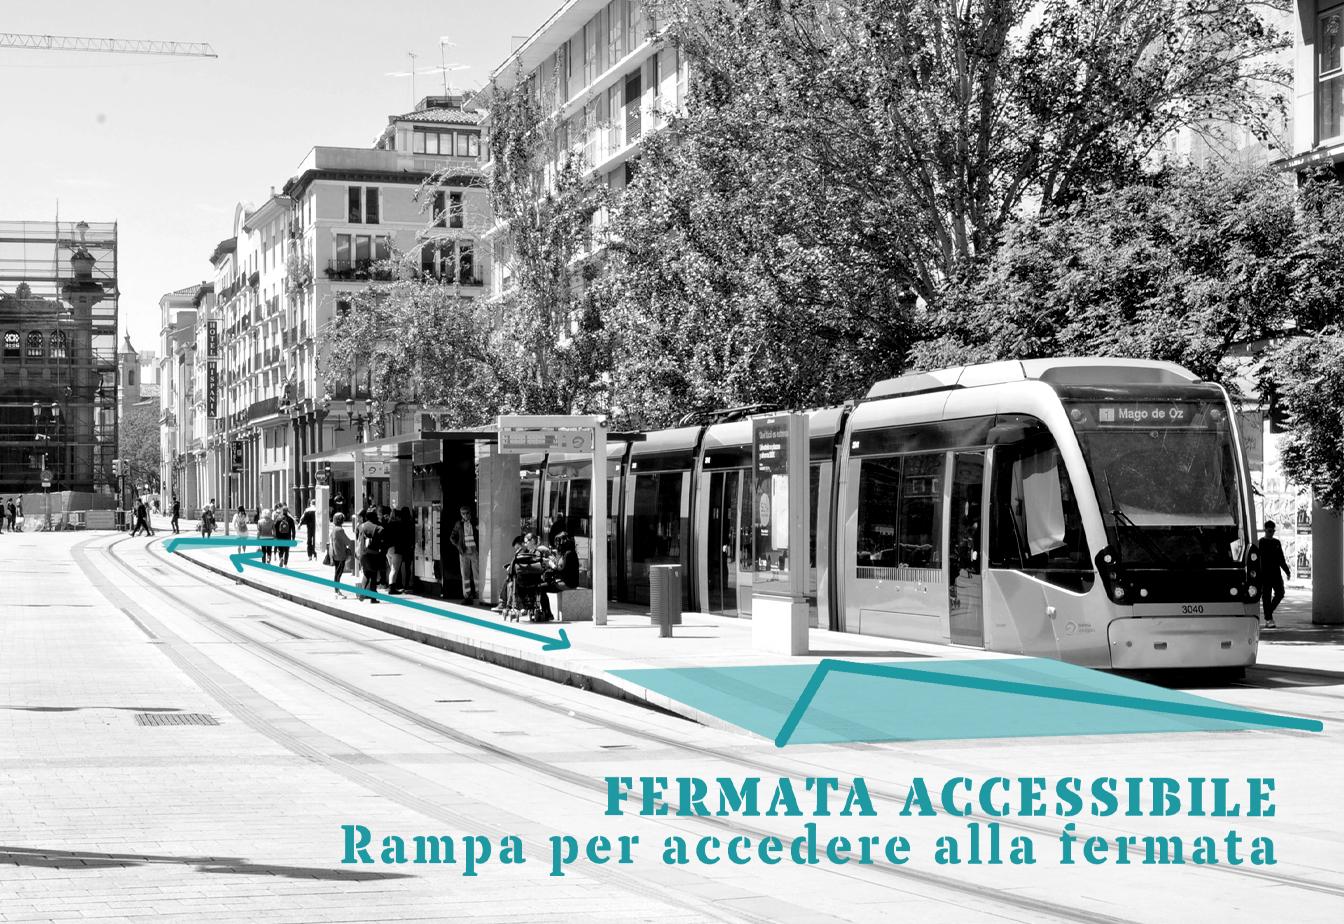 Fermata accessibile - rampa per accedere alla fermata